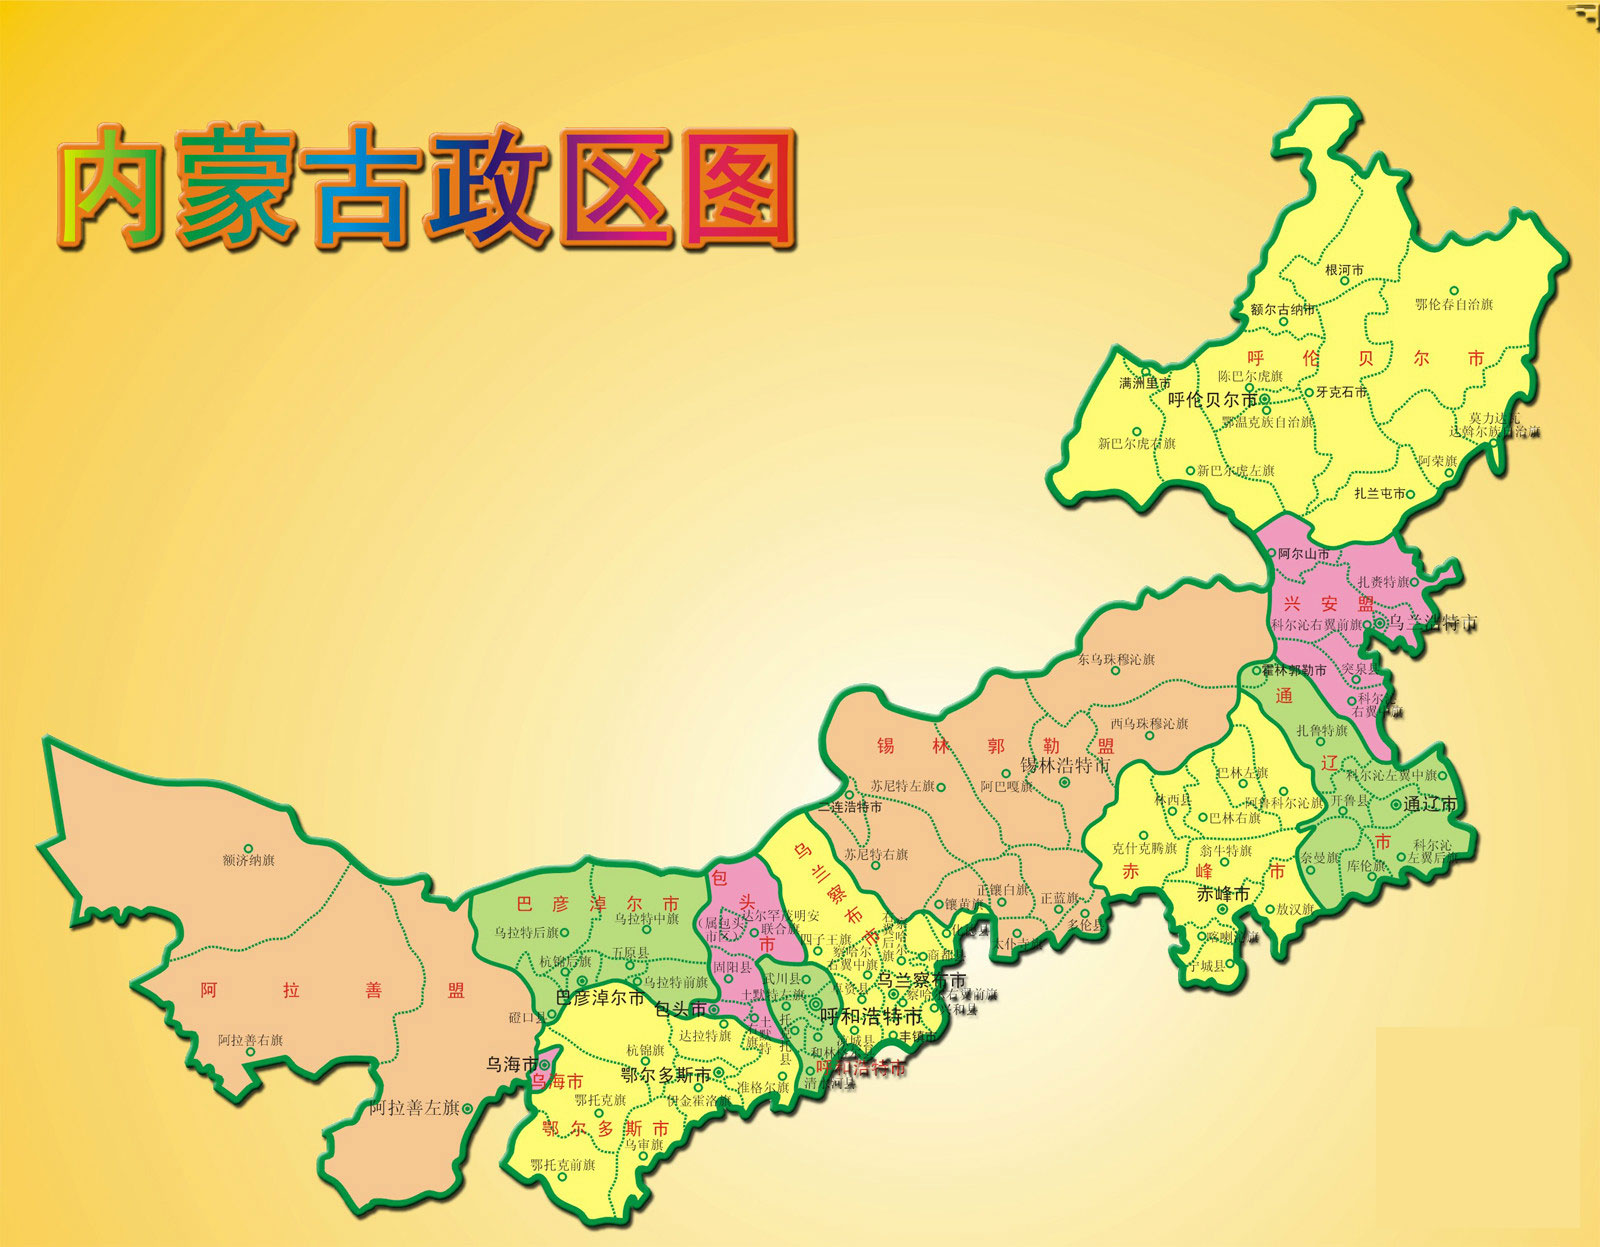 内蒙古高速公路地图